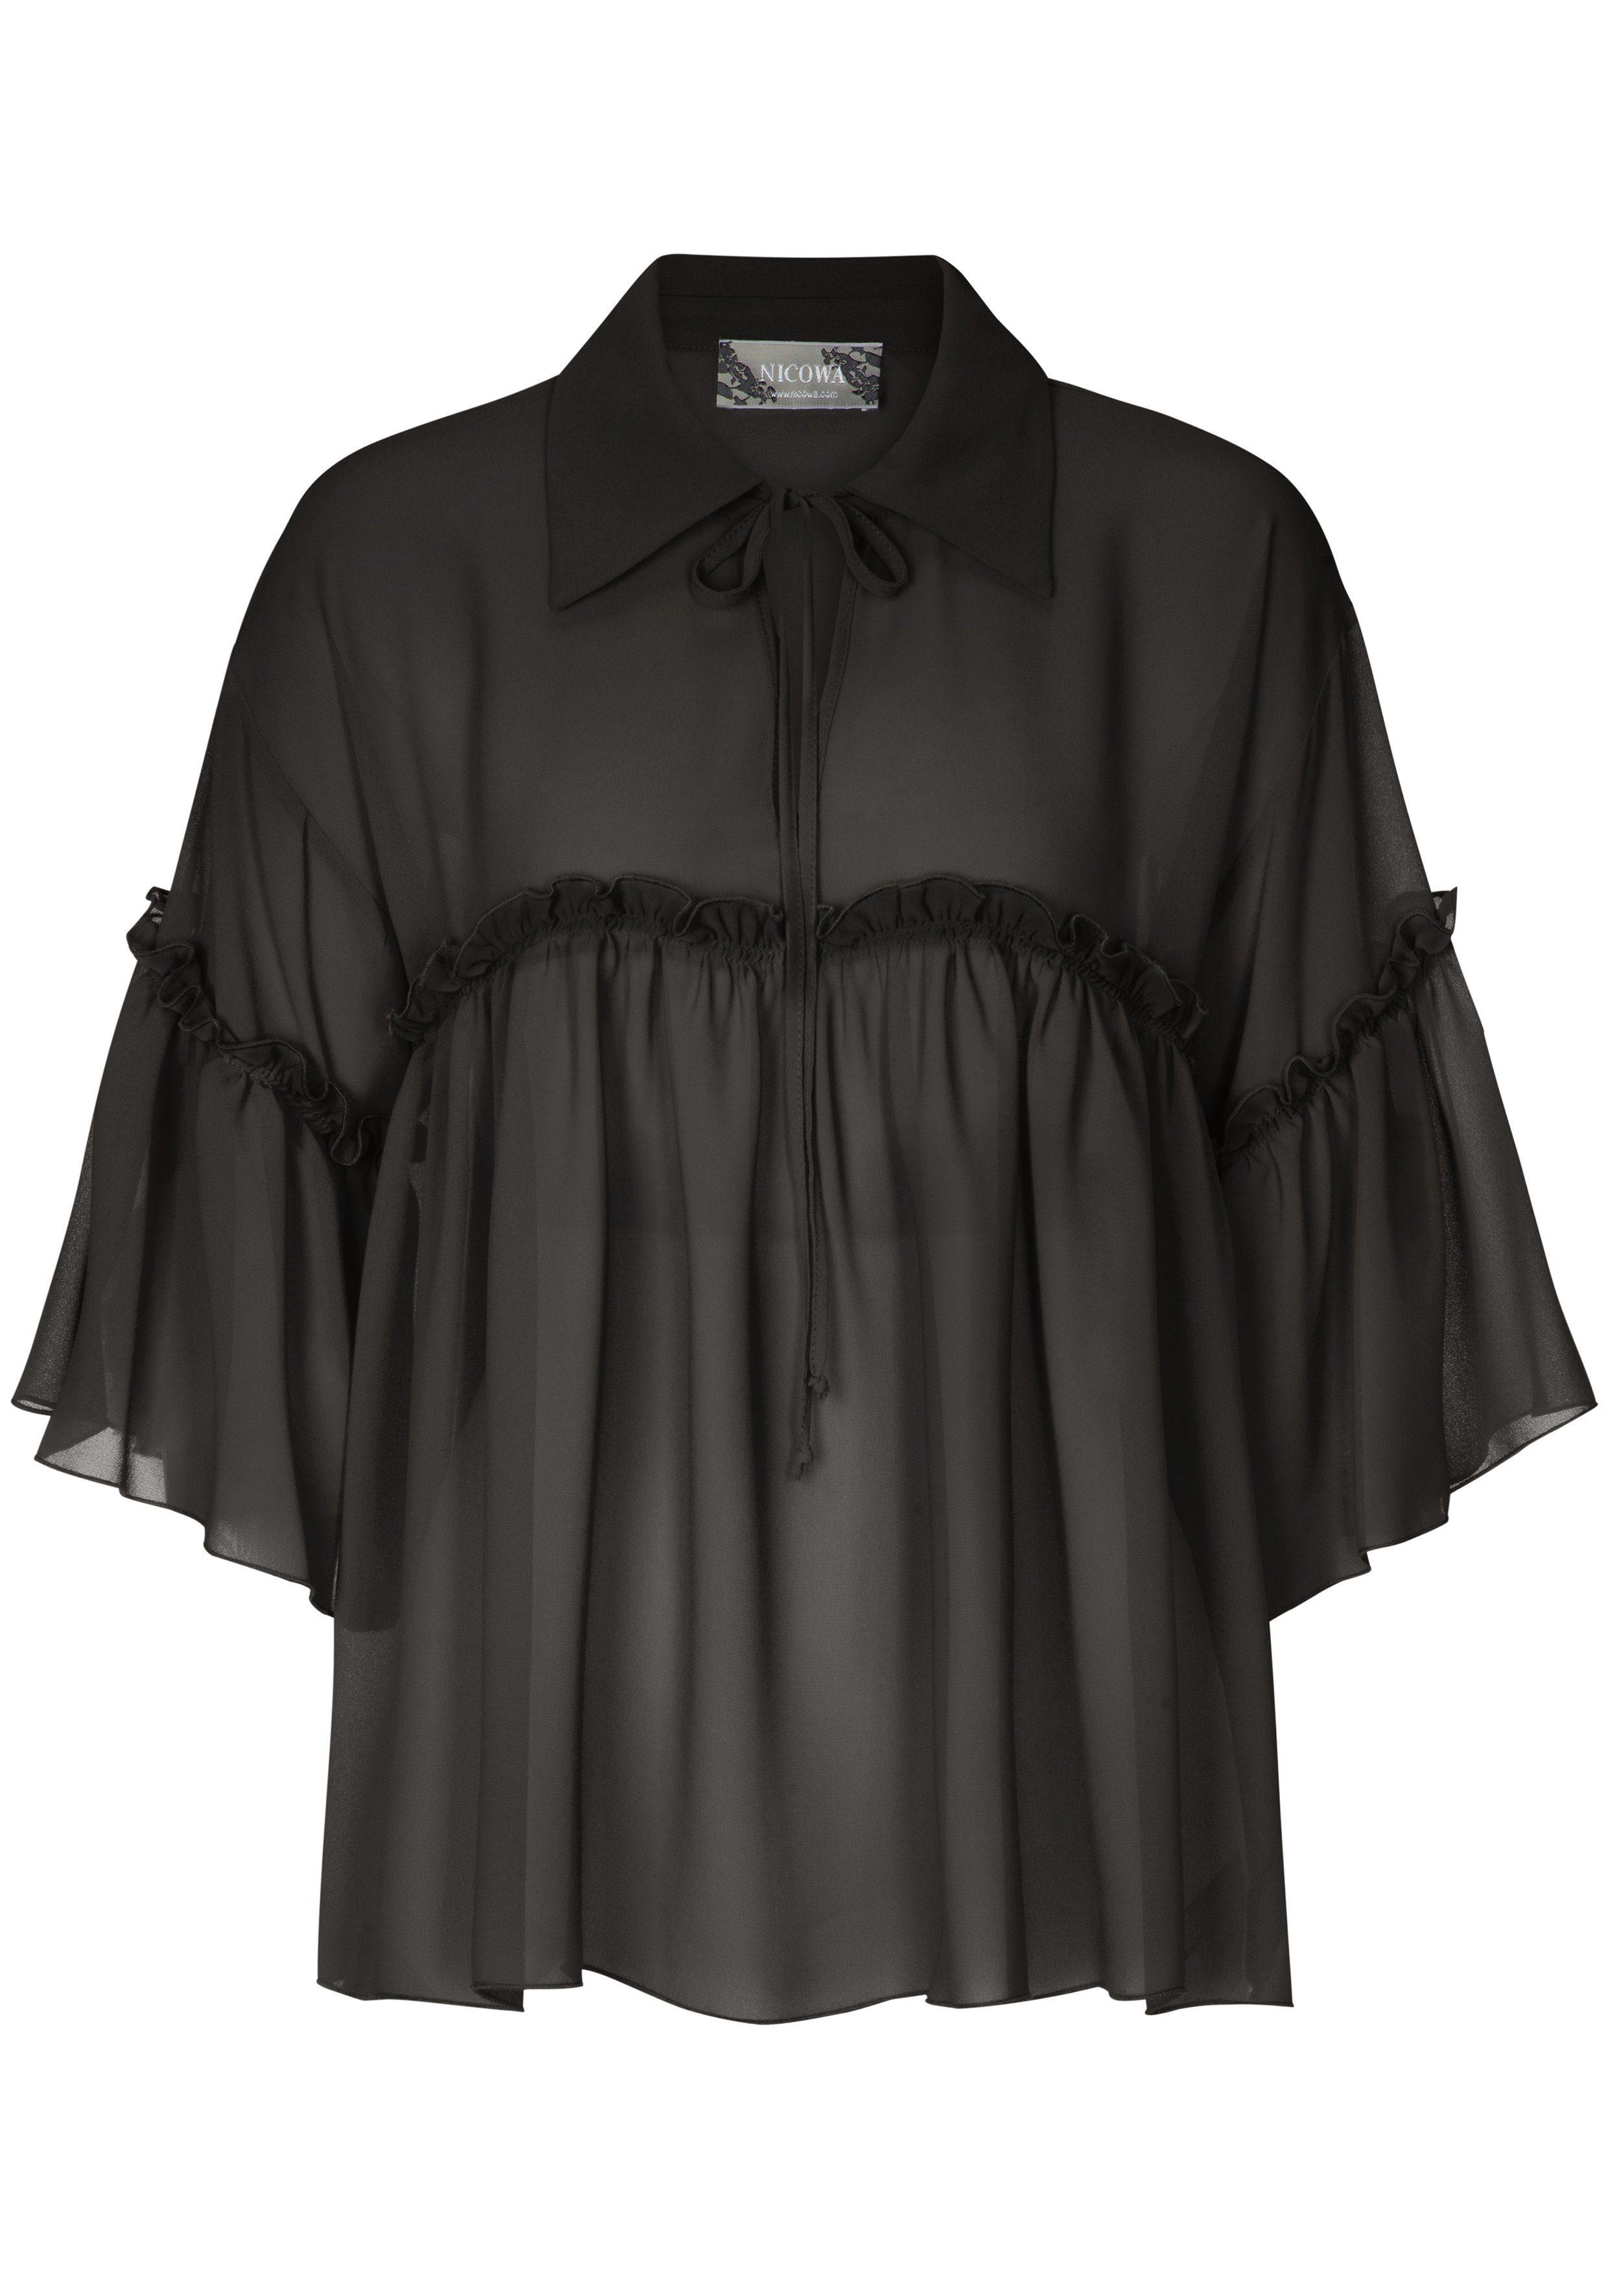 Nicowa Bezaubernde Bluse JULE mit stilvollen Rüschen-Details